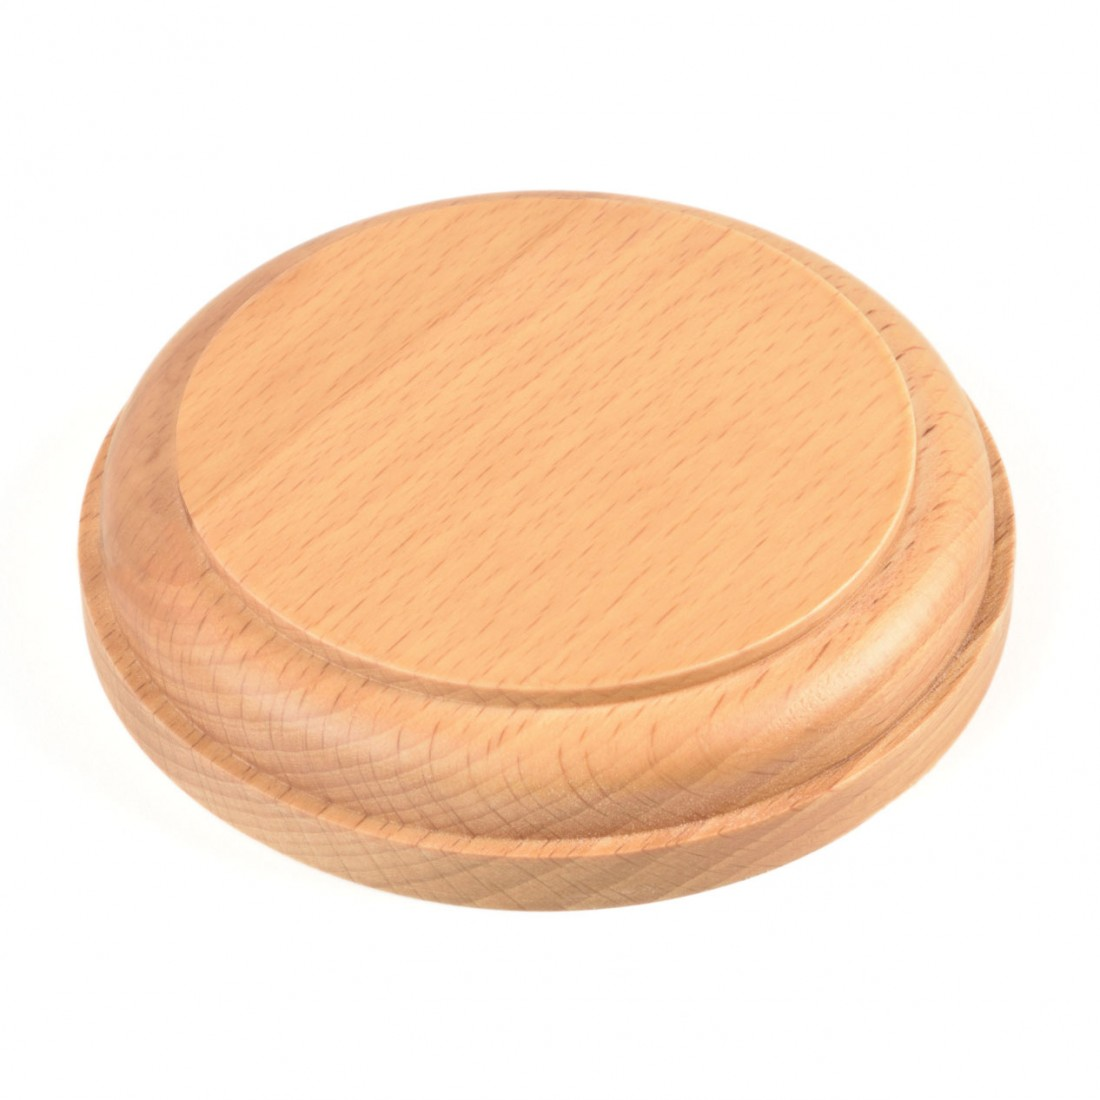 Wooden round base mm.100 varnished